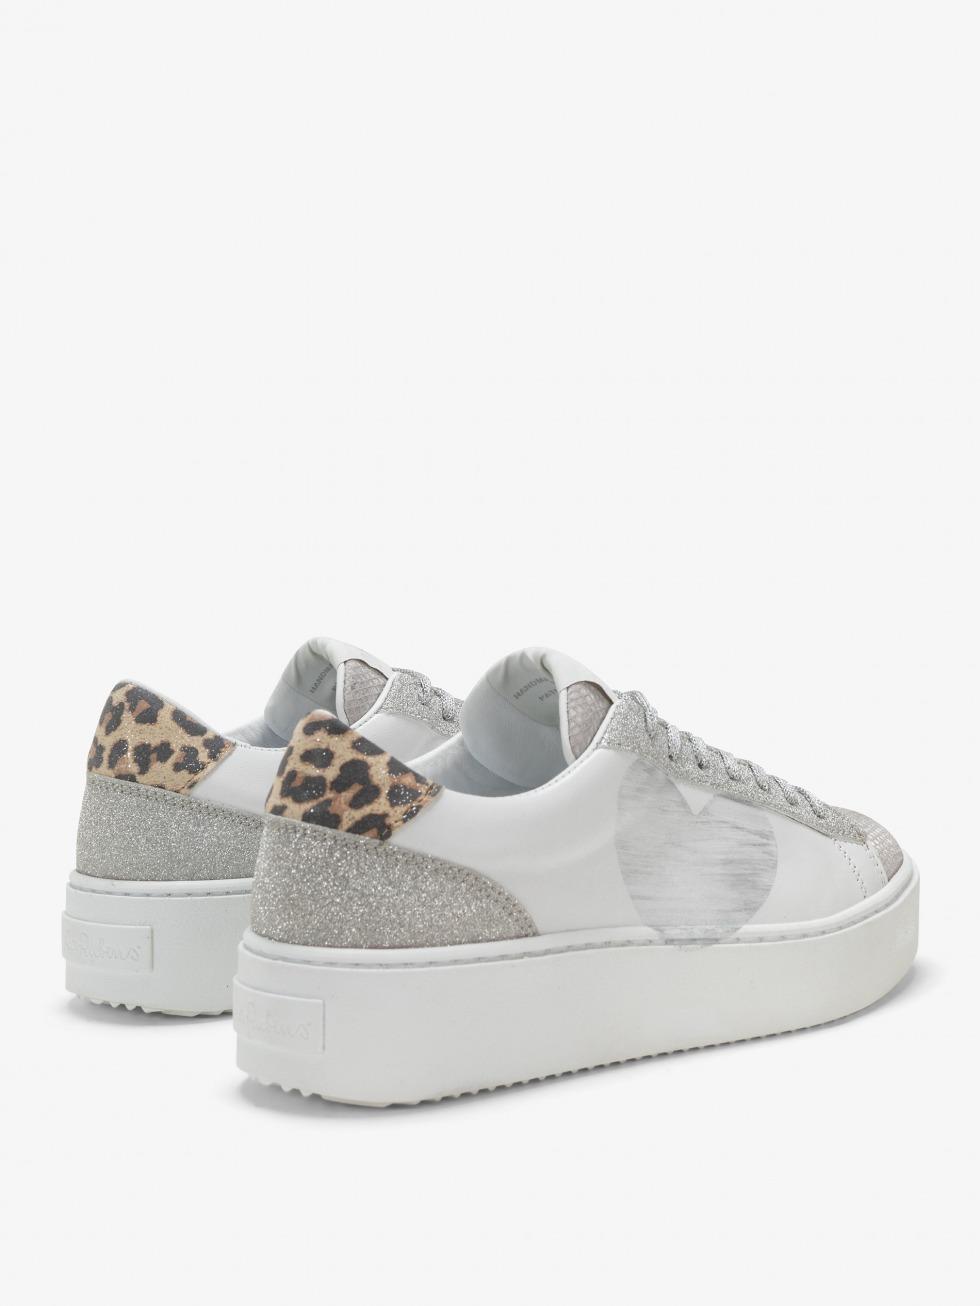 Cosmopolitan Sneakers Safari Shine - Heart